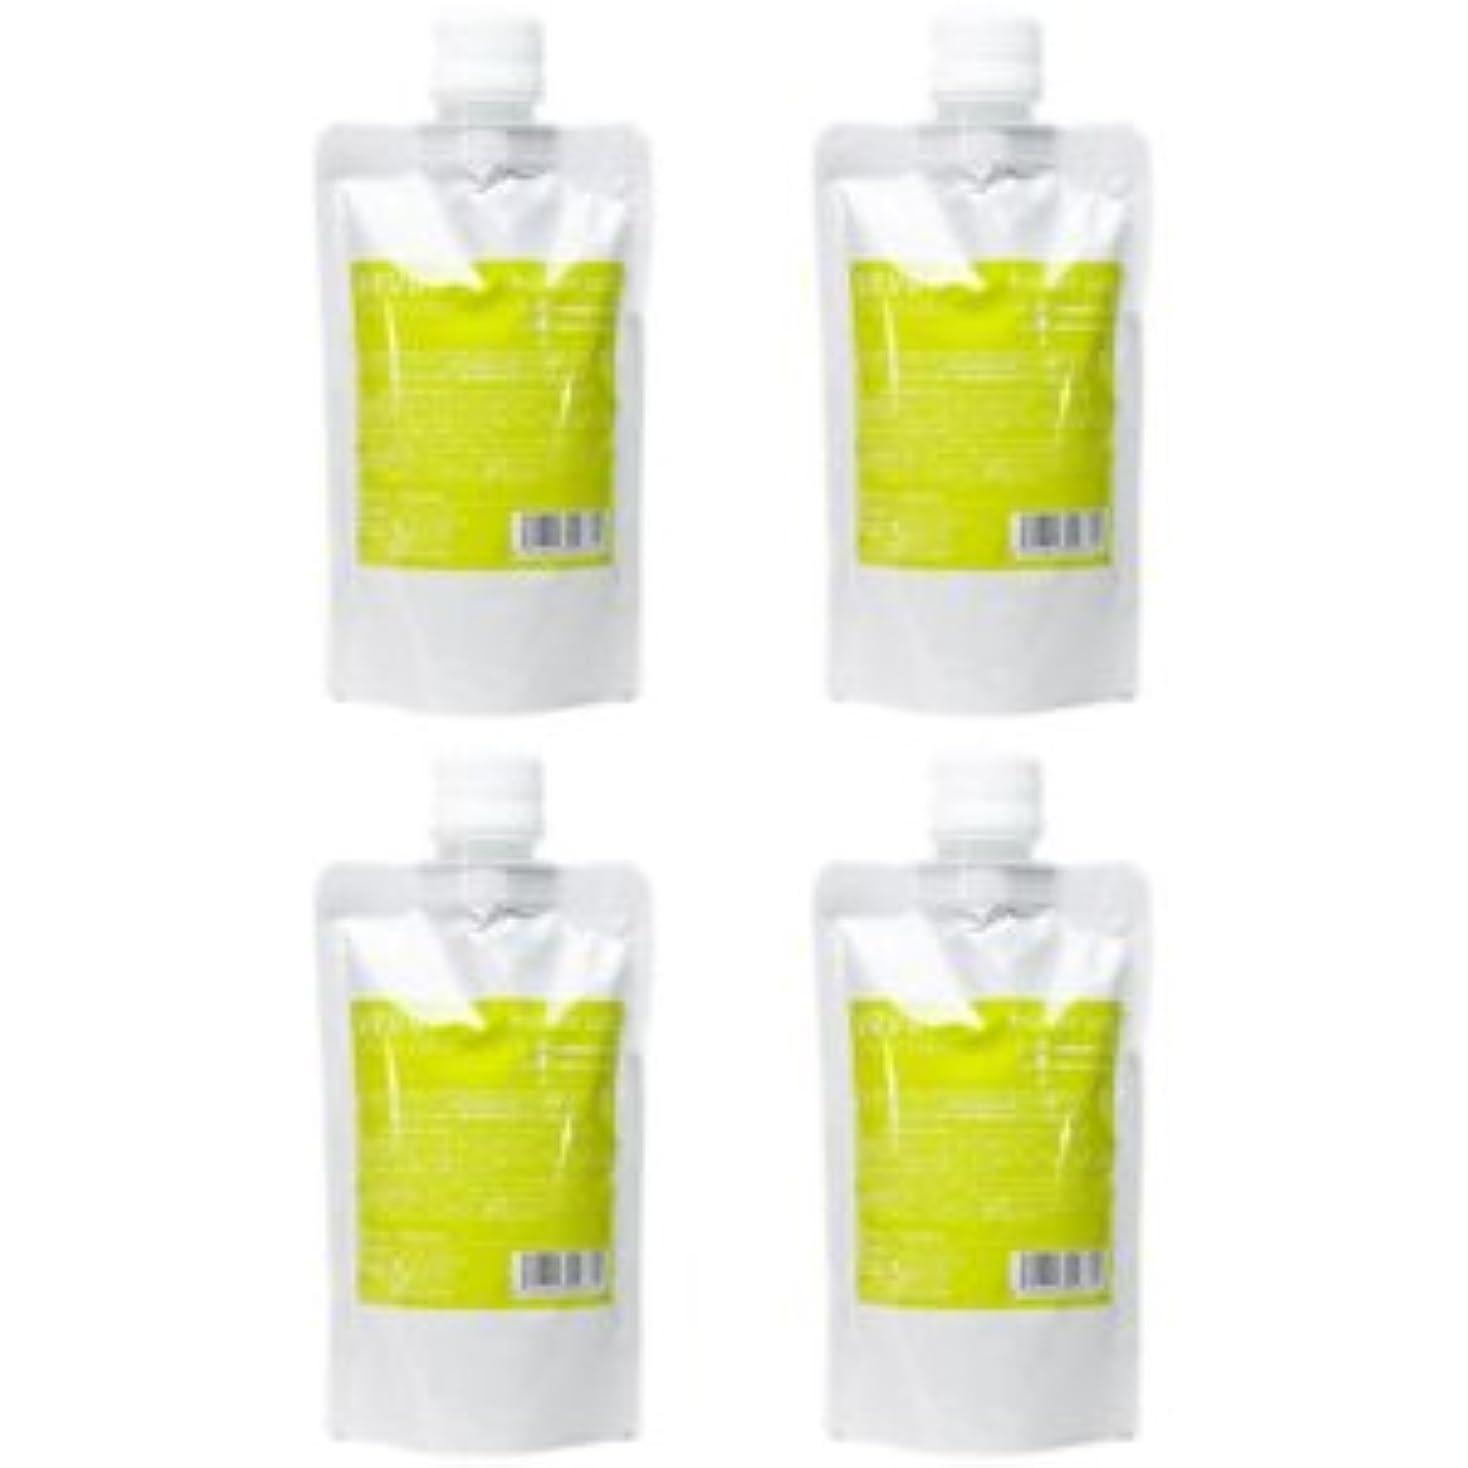 最も遠いタッチウイルス【X4個セット】 デミ ウェーボ デザインキューブ エアルーズワックス 200g 業務用 airloose wax DEMI uevo design cube